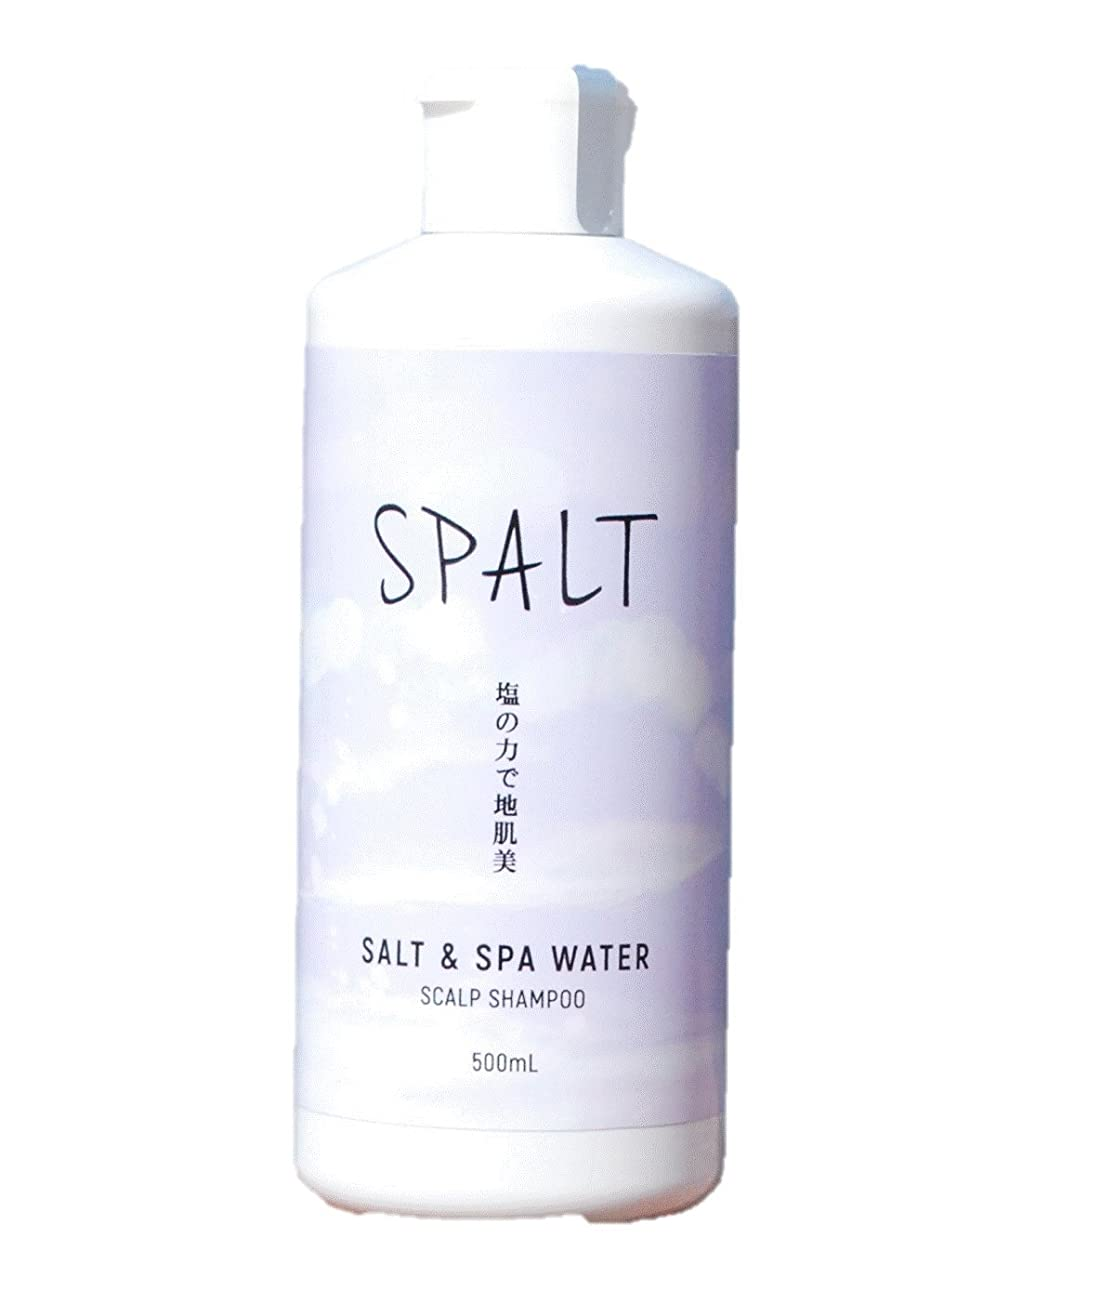 白菜ノイズご意見塩シャンプー 皆生温泉水シャンプー スパルト